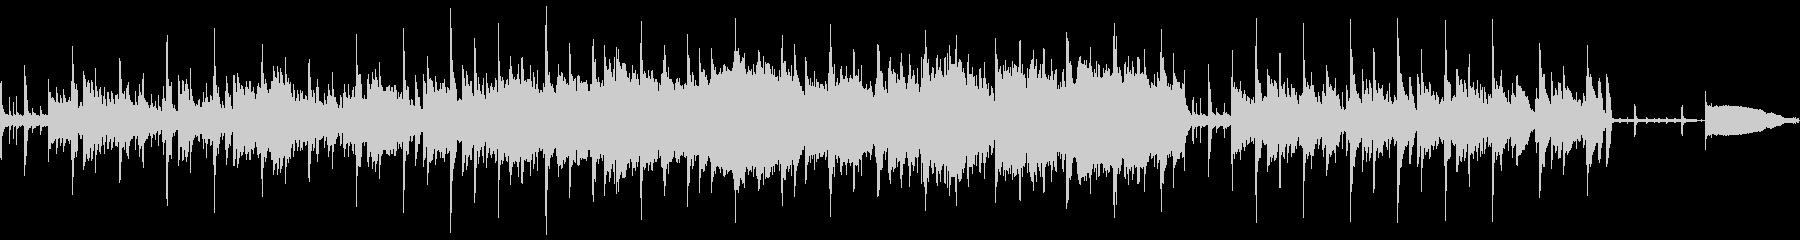 けだるいムードのジャズラウンジ風BGMの未再生の波形